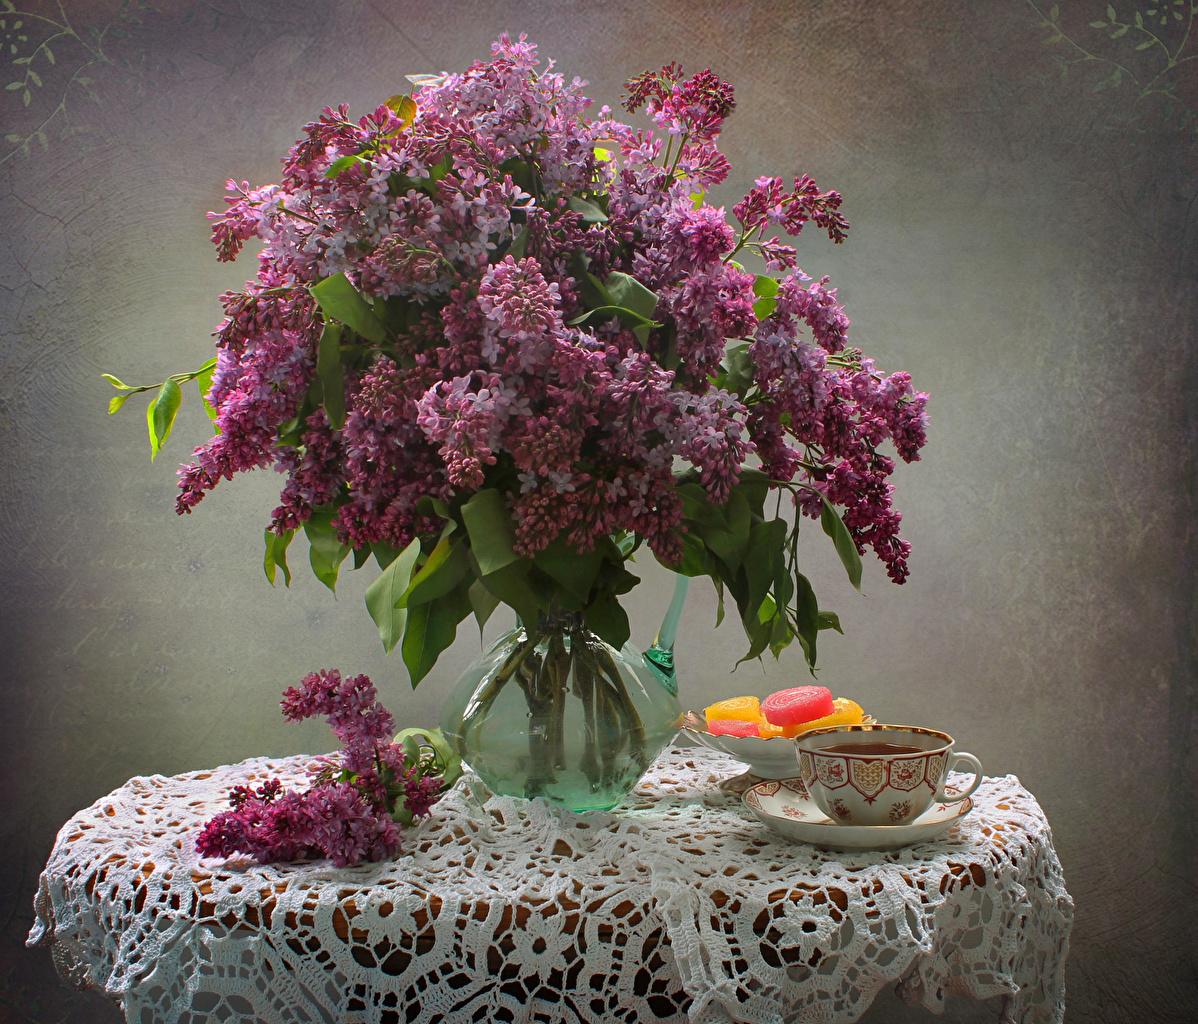 Картинки Букеты Мармелад цветок Сирень Ваза Чашка Натюрморт букет Цветы вазе вазы чашке